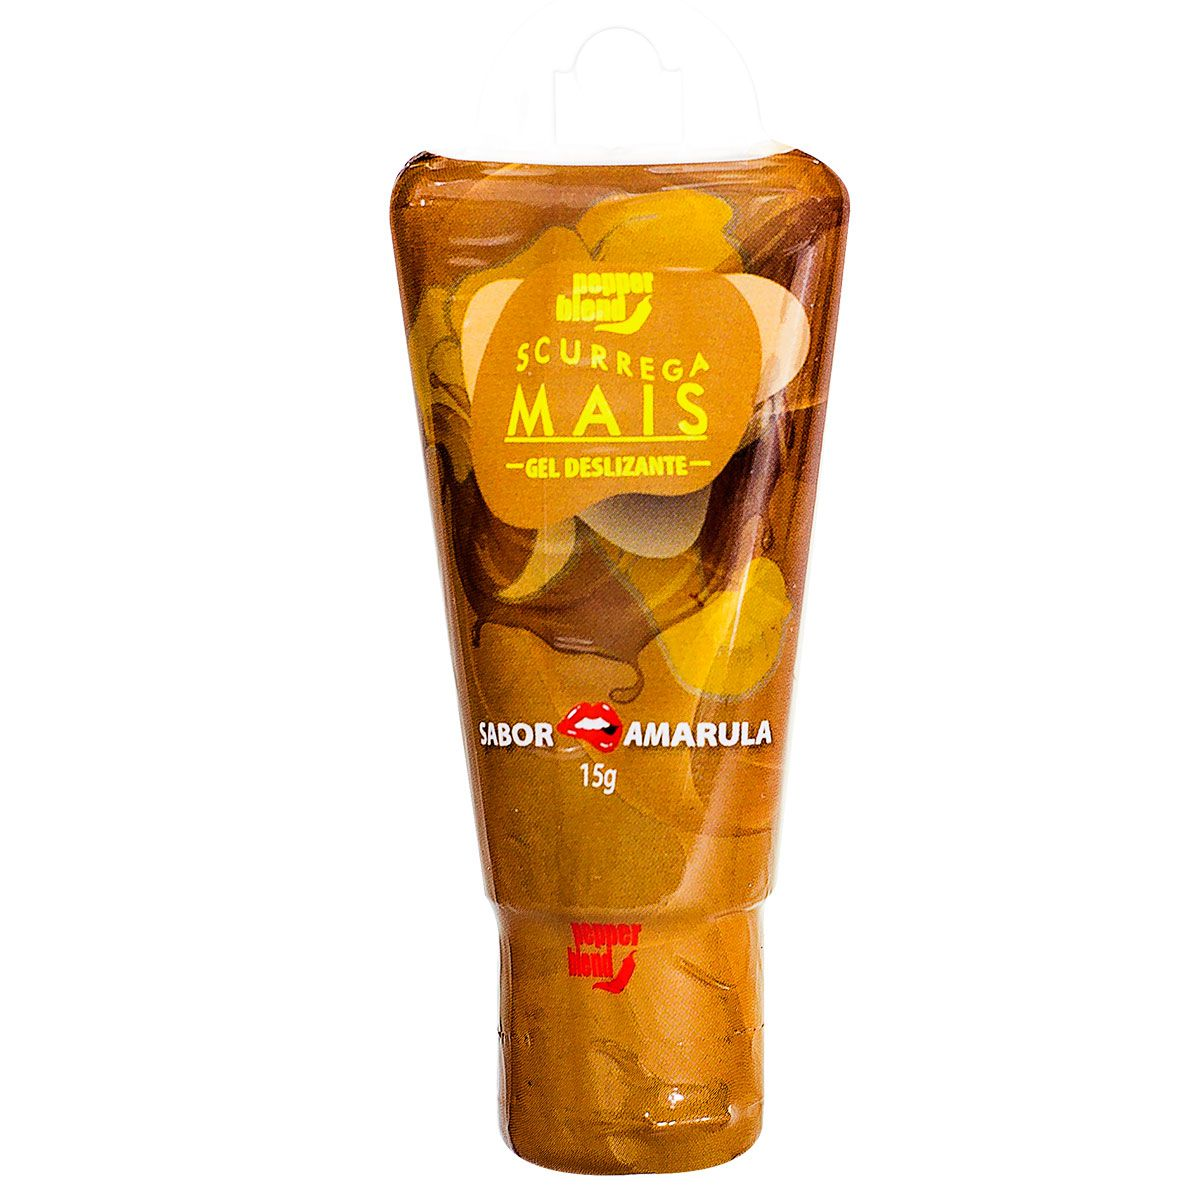 SCURREGA - Gel Comestível sabor Amarula - 15g  - Sua Pepper Blend   Doces Especiais